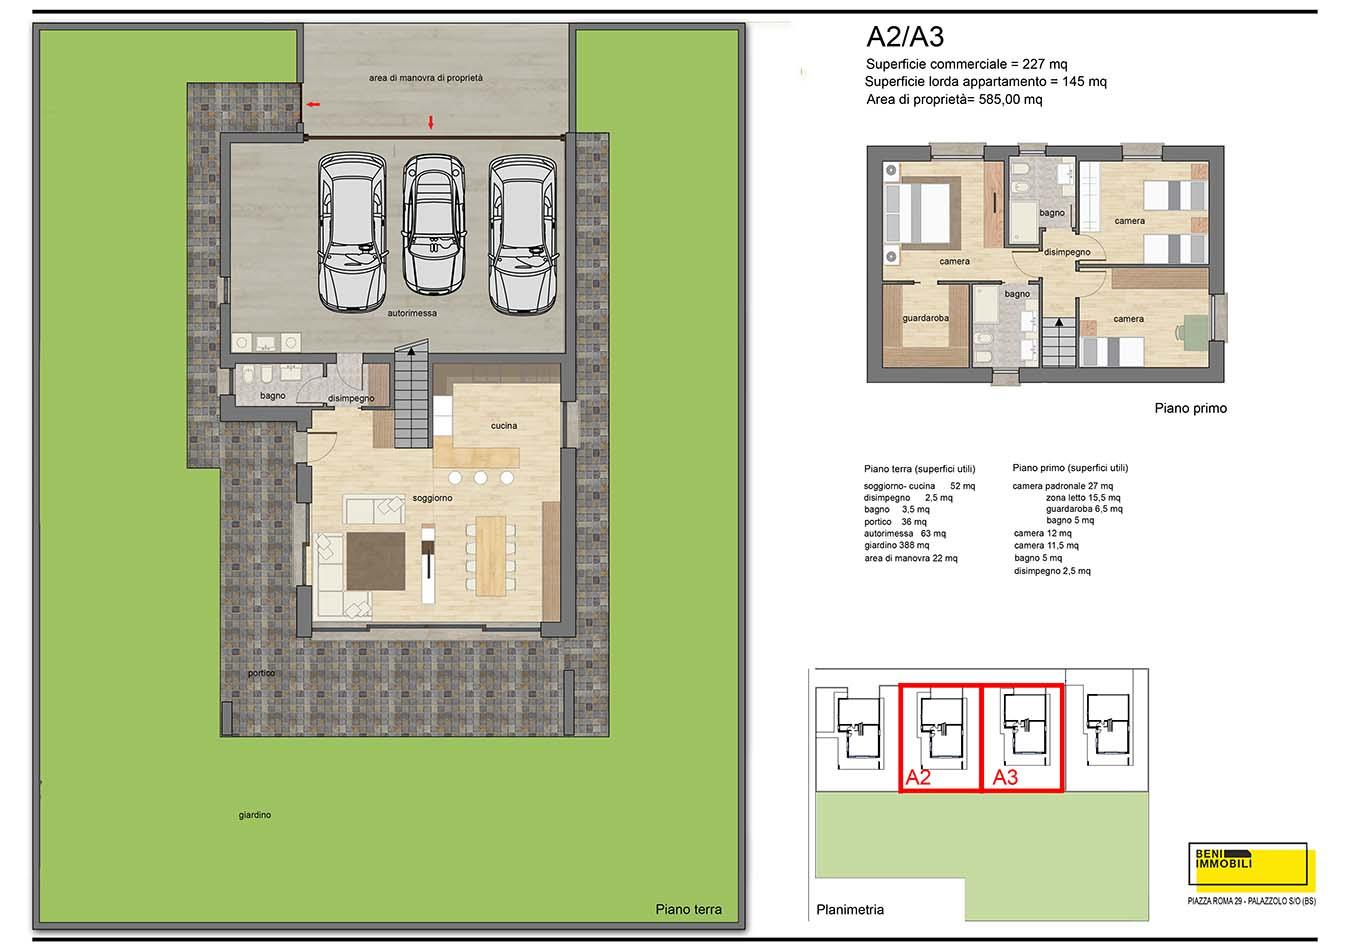 Planimetria villa 1 - esempio